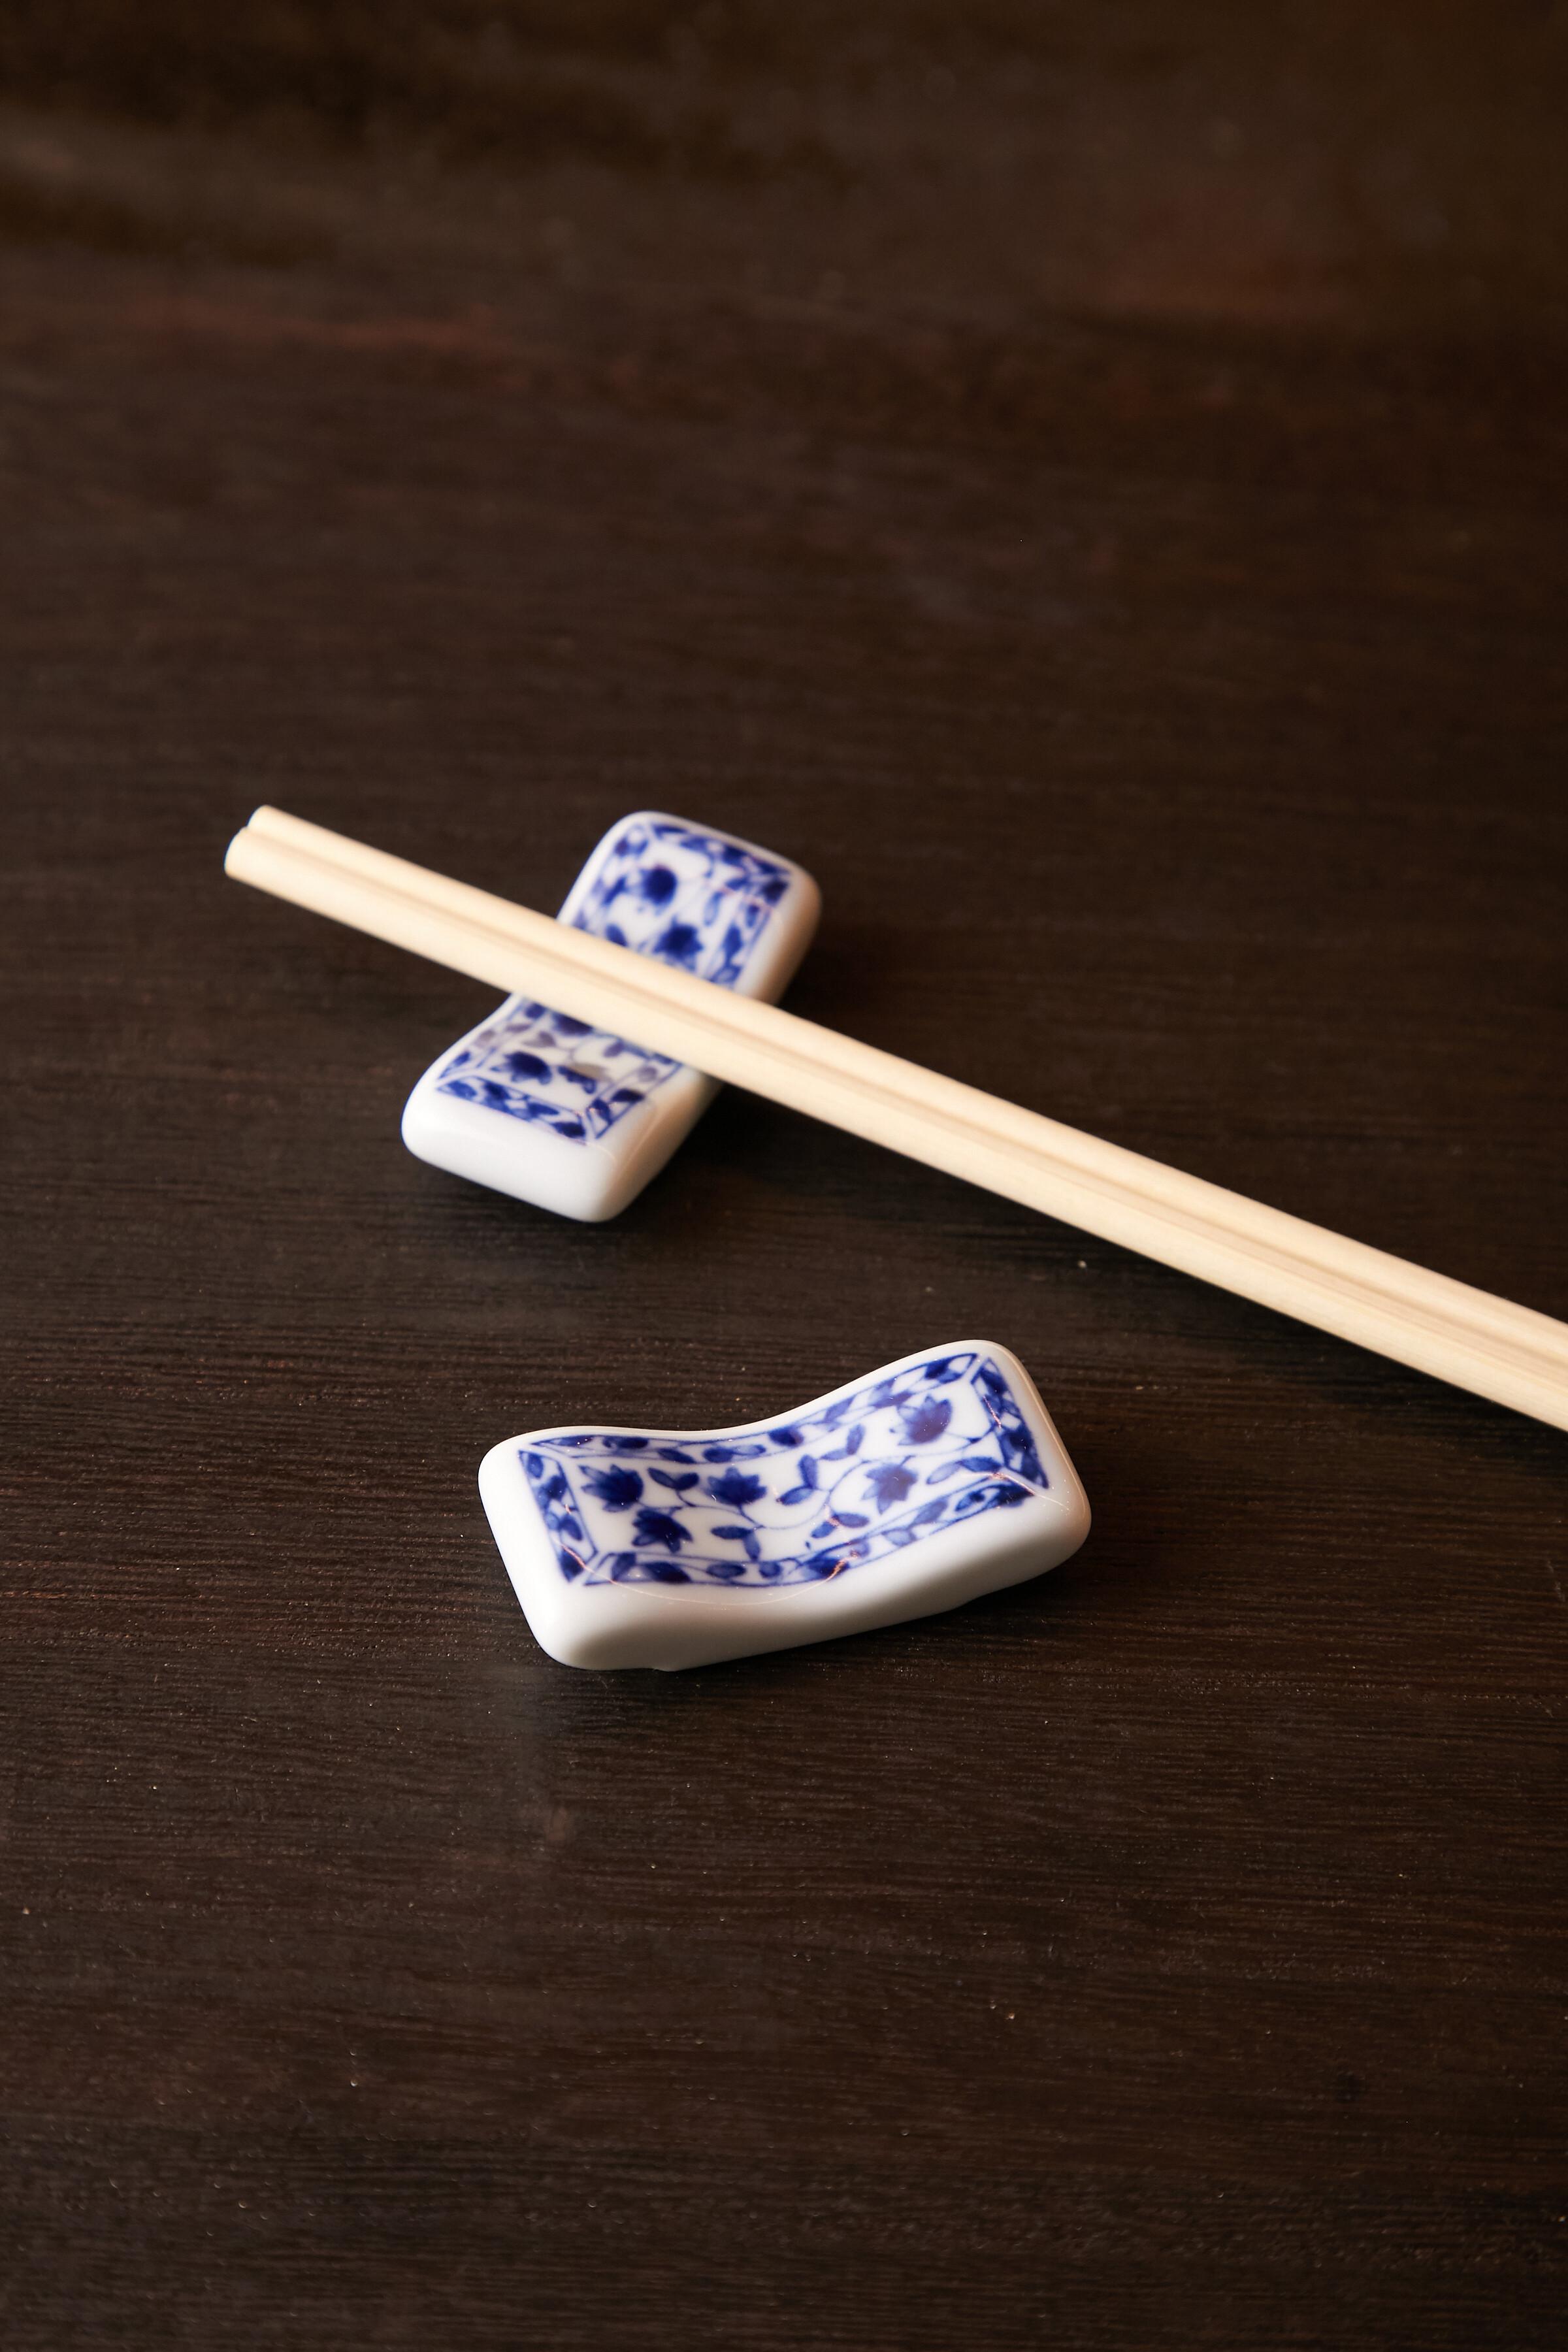 唐草紋 まくら型 箸置き 日本製 美濃焼【送料無料】